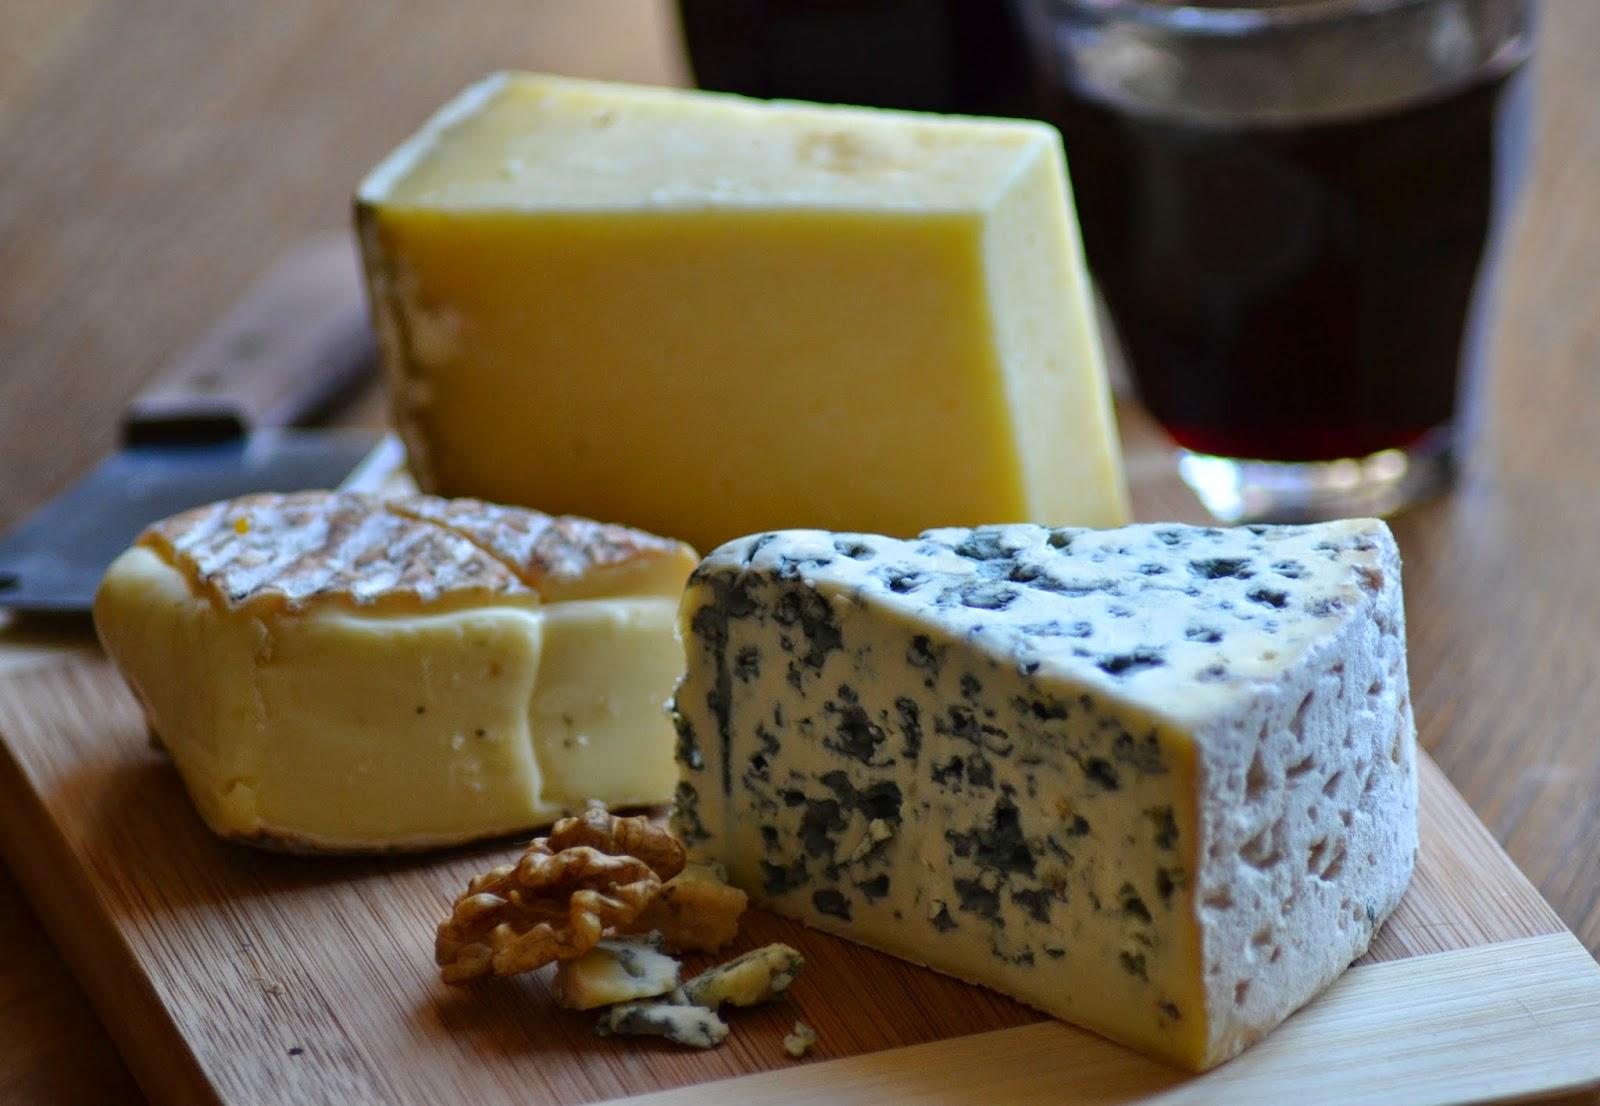 Franse kaasplank. Verschillende kazen uit de Auvergne. Bleu d'Auvergne, Cantal en Saint-Nectaire